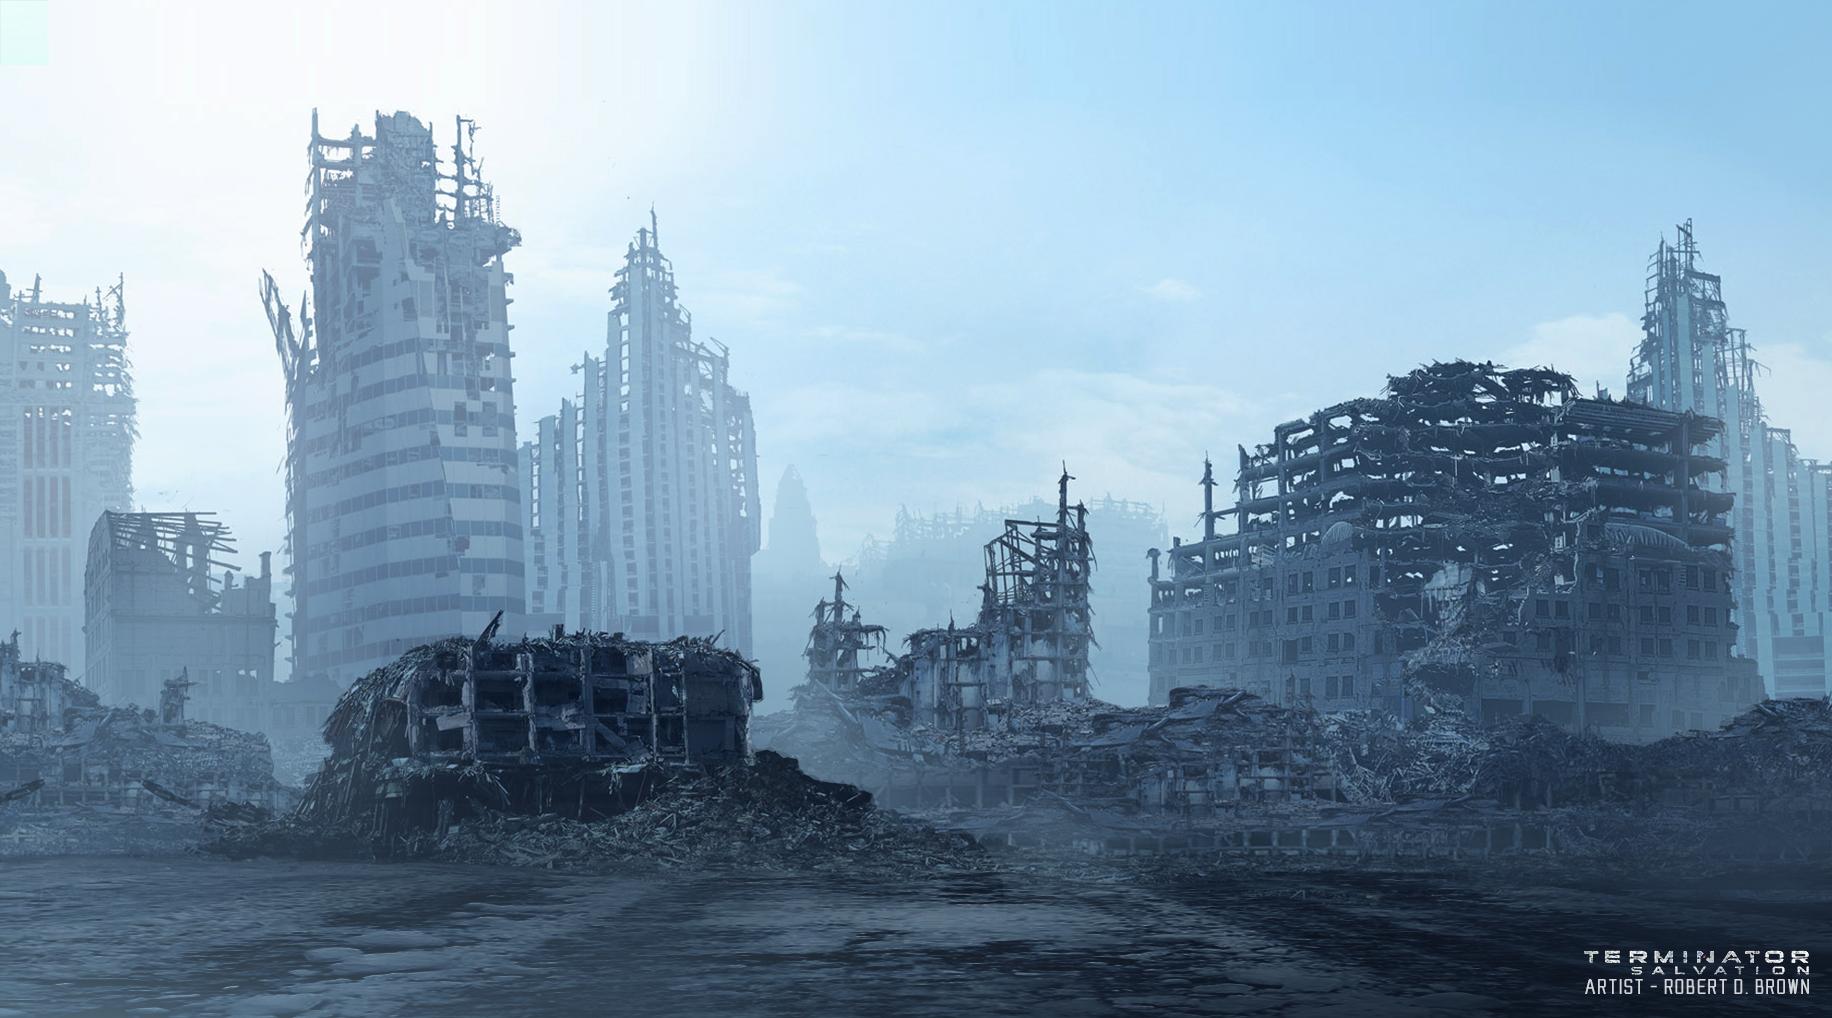 TerminatorSalvation_Matte01.jpg